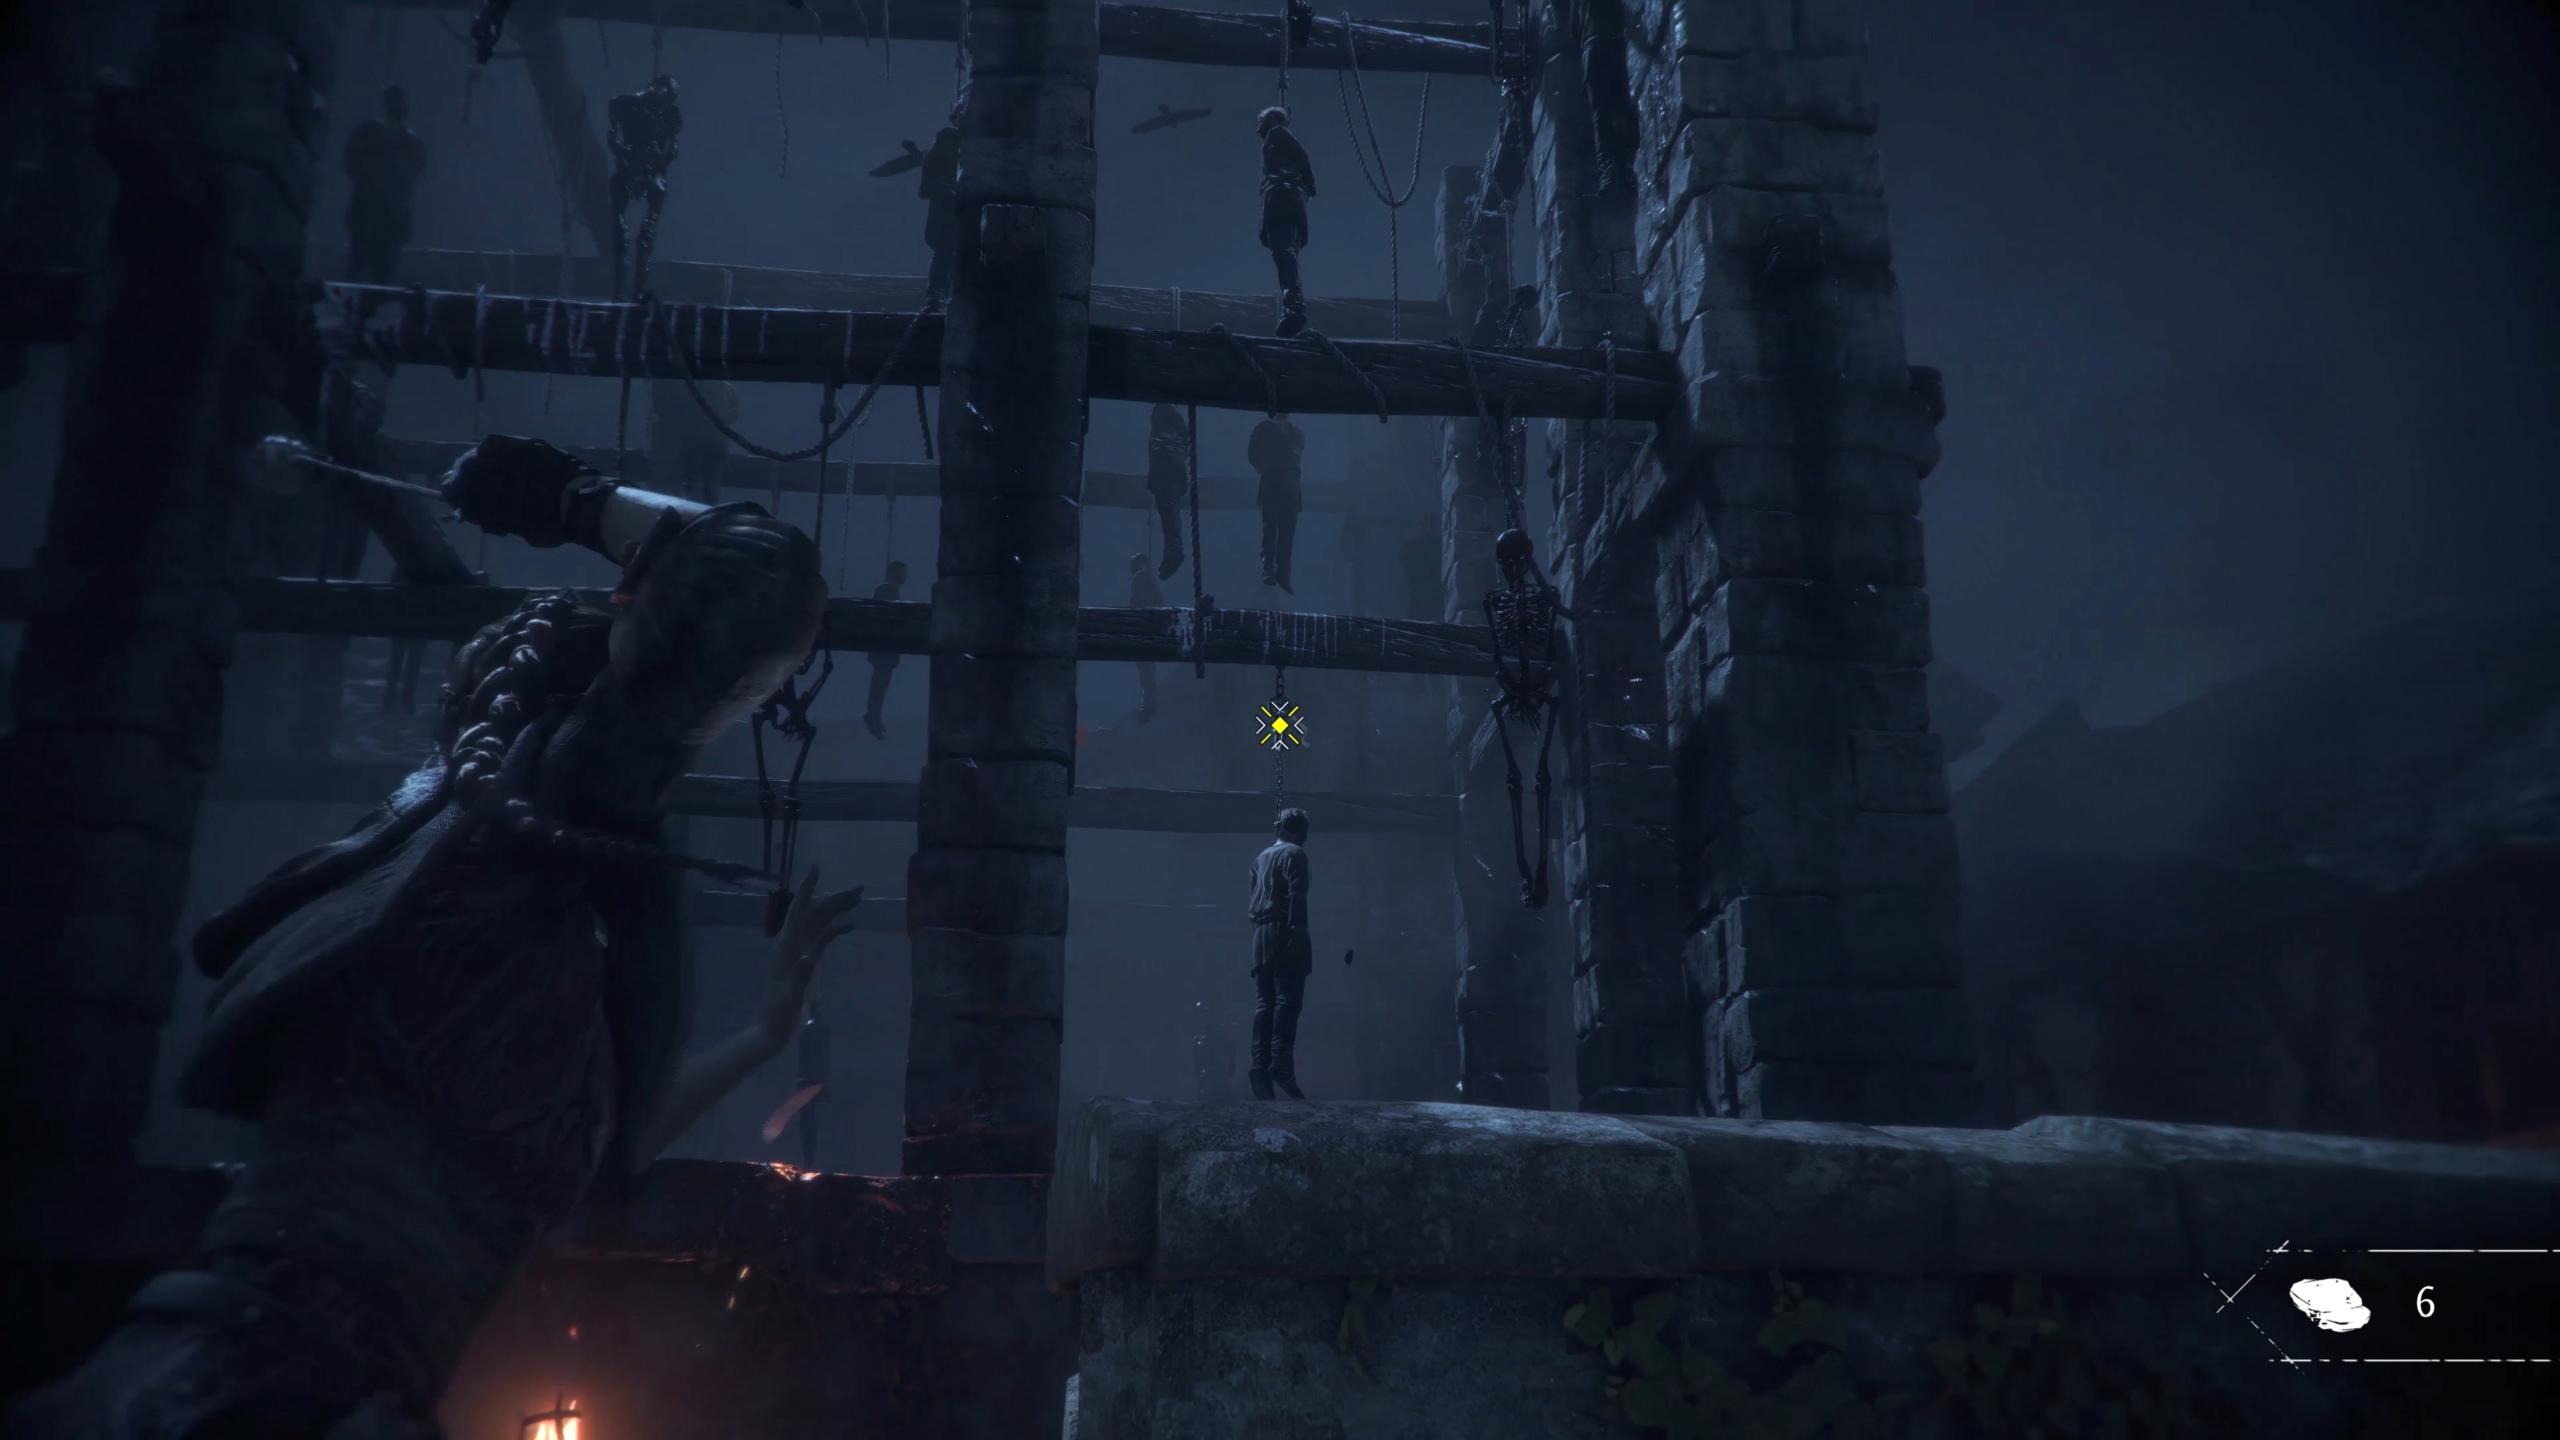 史詩式動作求生遊戲《瘟疫傳說:無罪》 首次公開八分鐘的未剪輯遊戲實機畫面 !! 0312